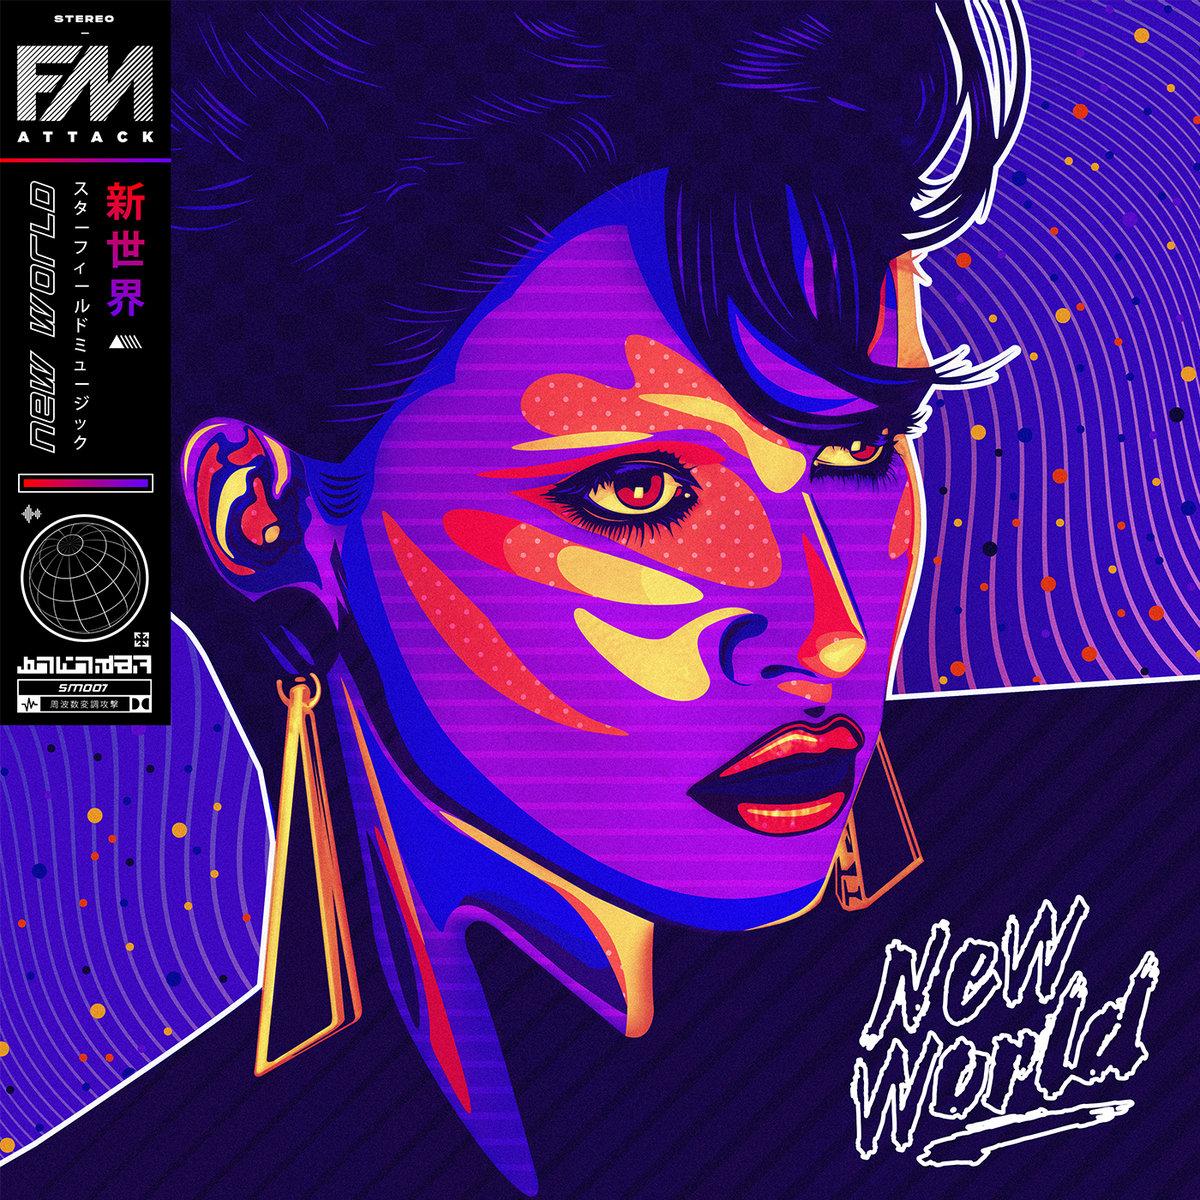 FM Attack New World